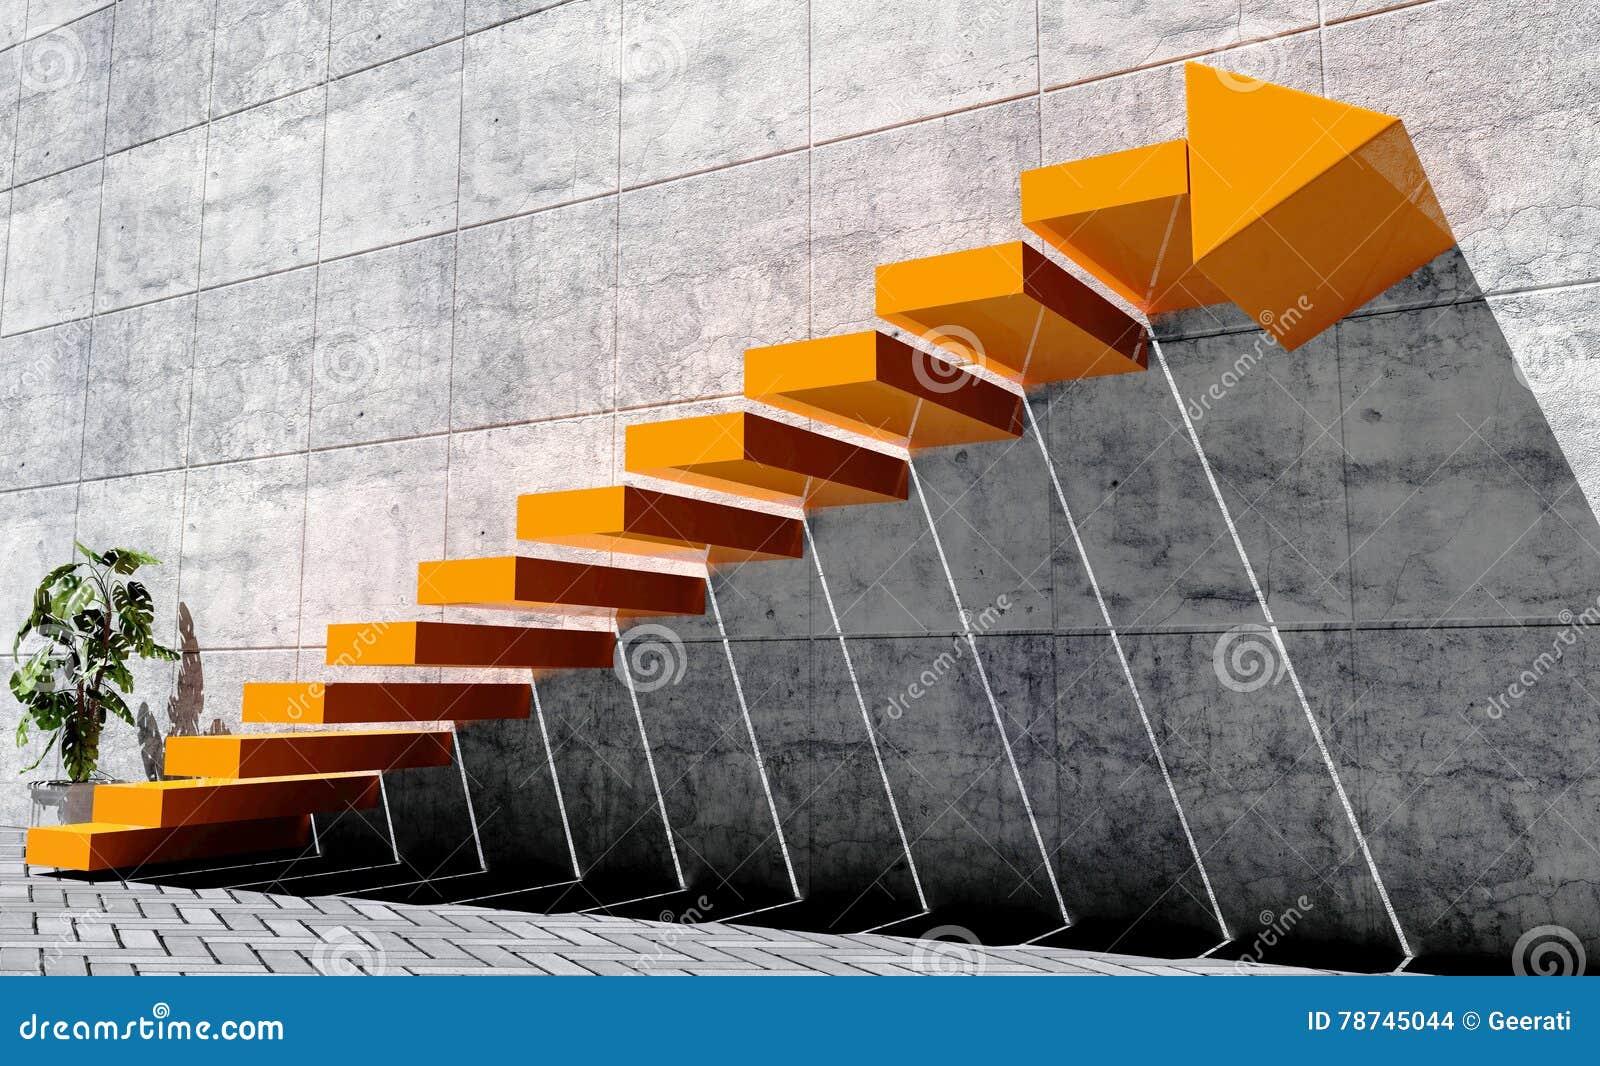 Stappen op volgende niveau, succesconcept vooruit te verplaatsen